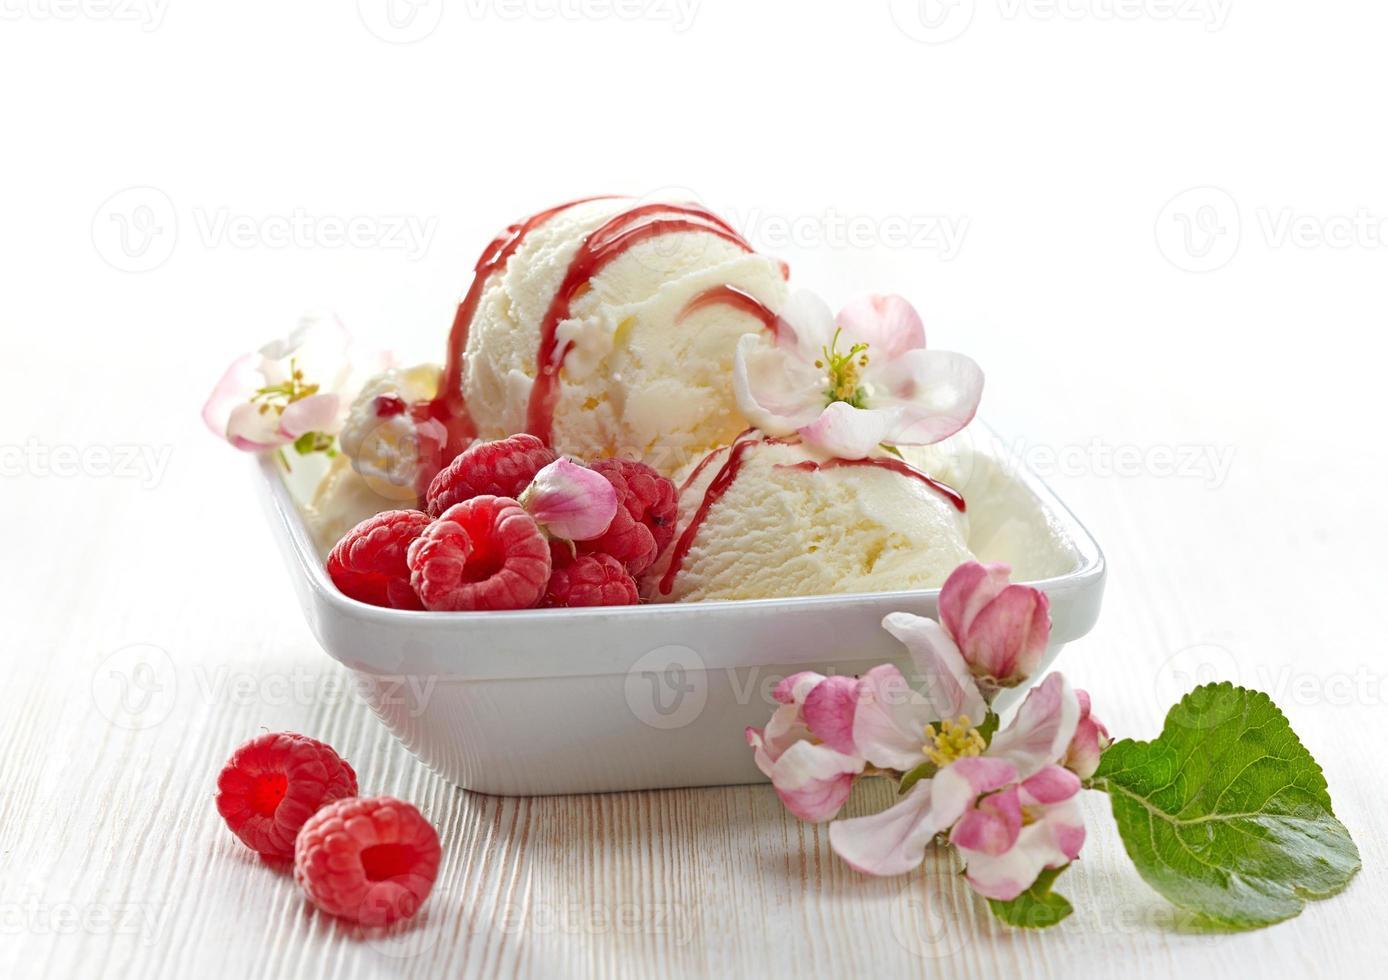 vanille-ijs met verse bessen foto